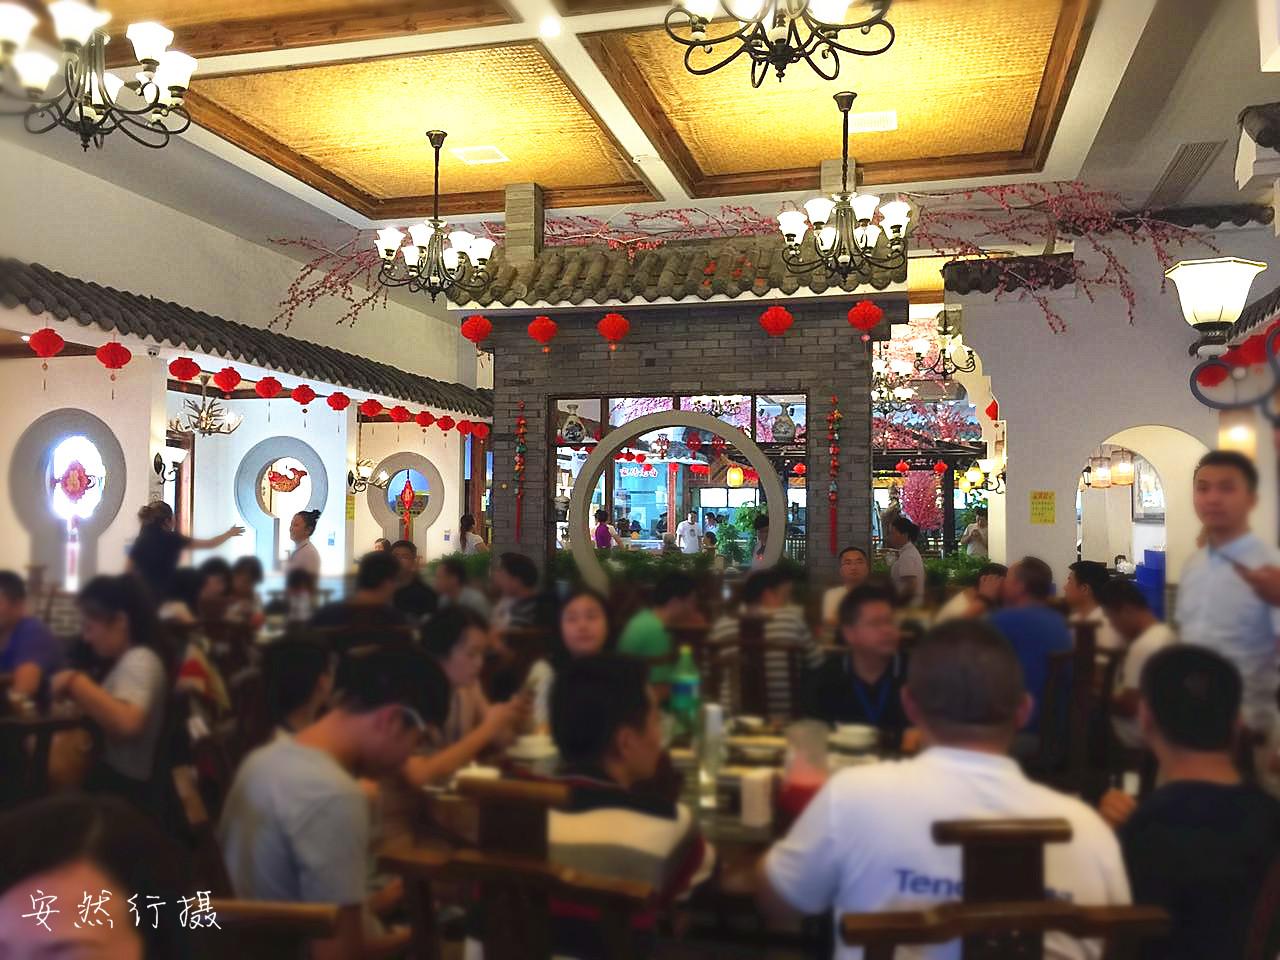 寻味荆州古城,感受荆州本帮菜独特魅力-河北旅游-河北新闻网